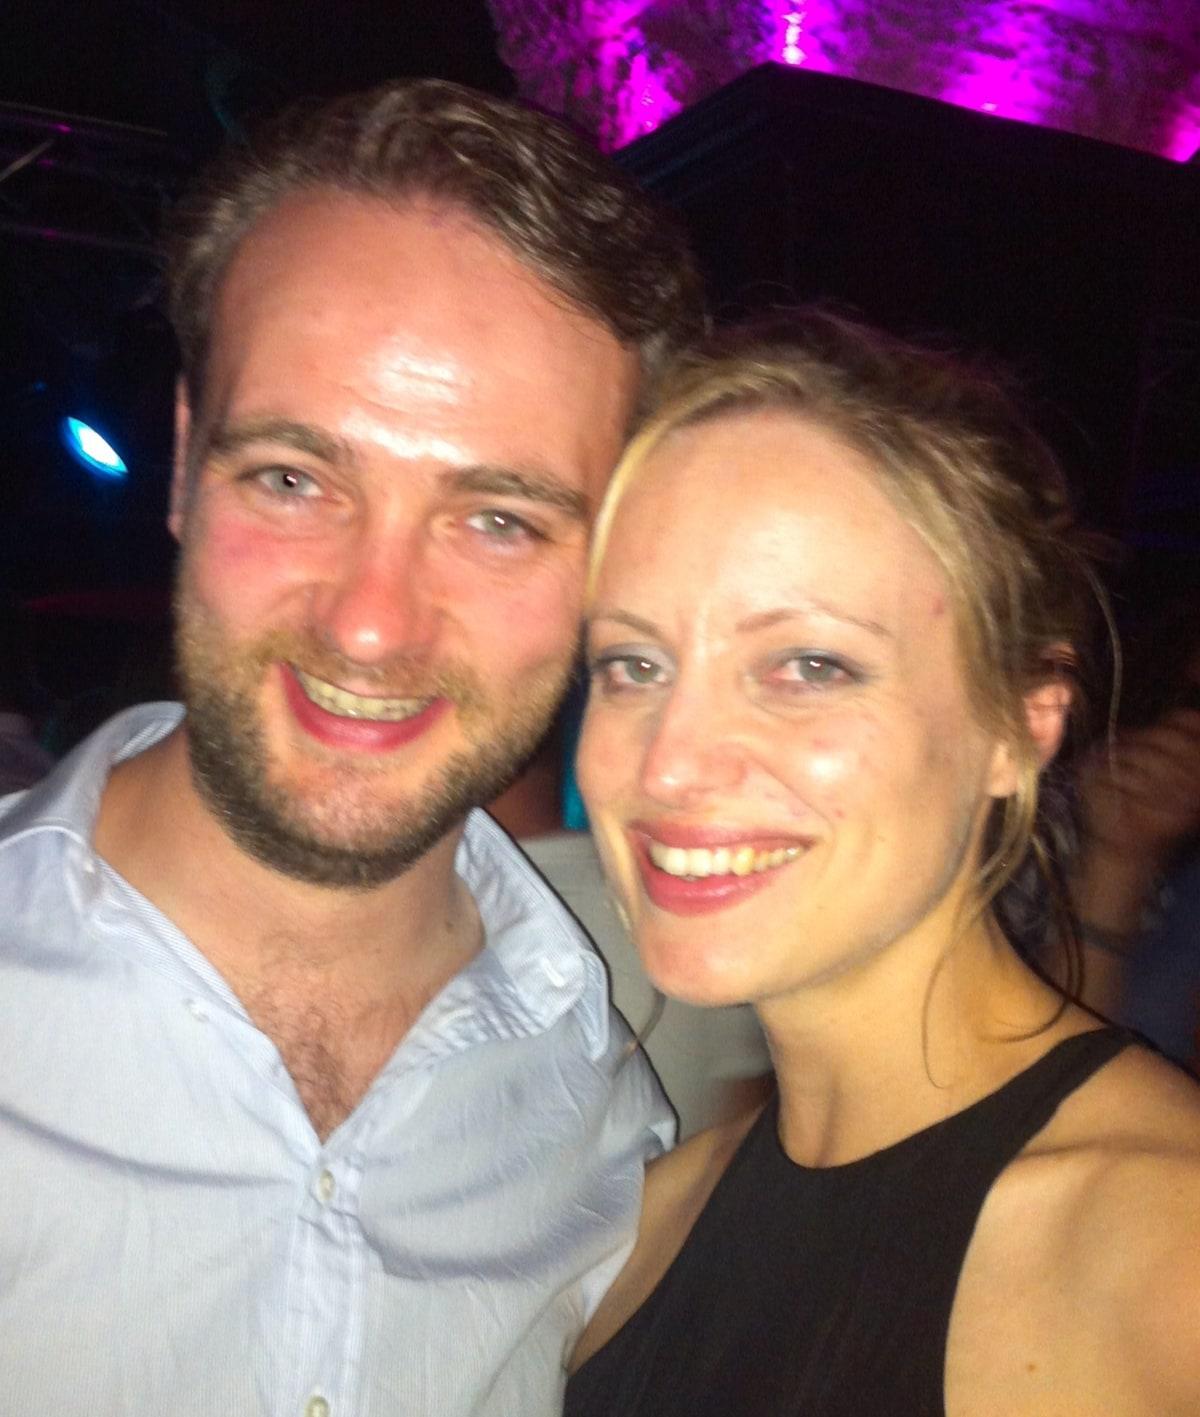 Matt & Laura from Munich